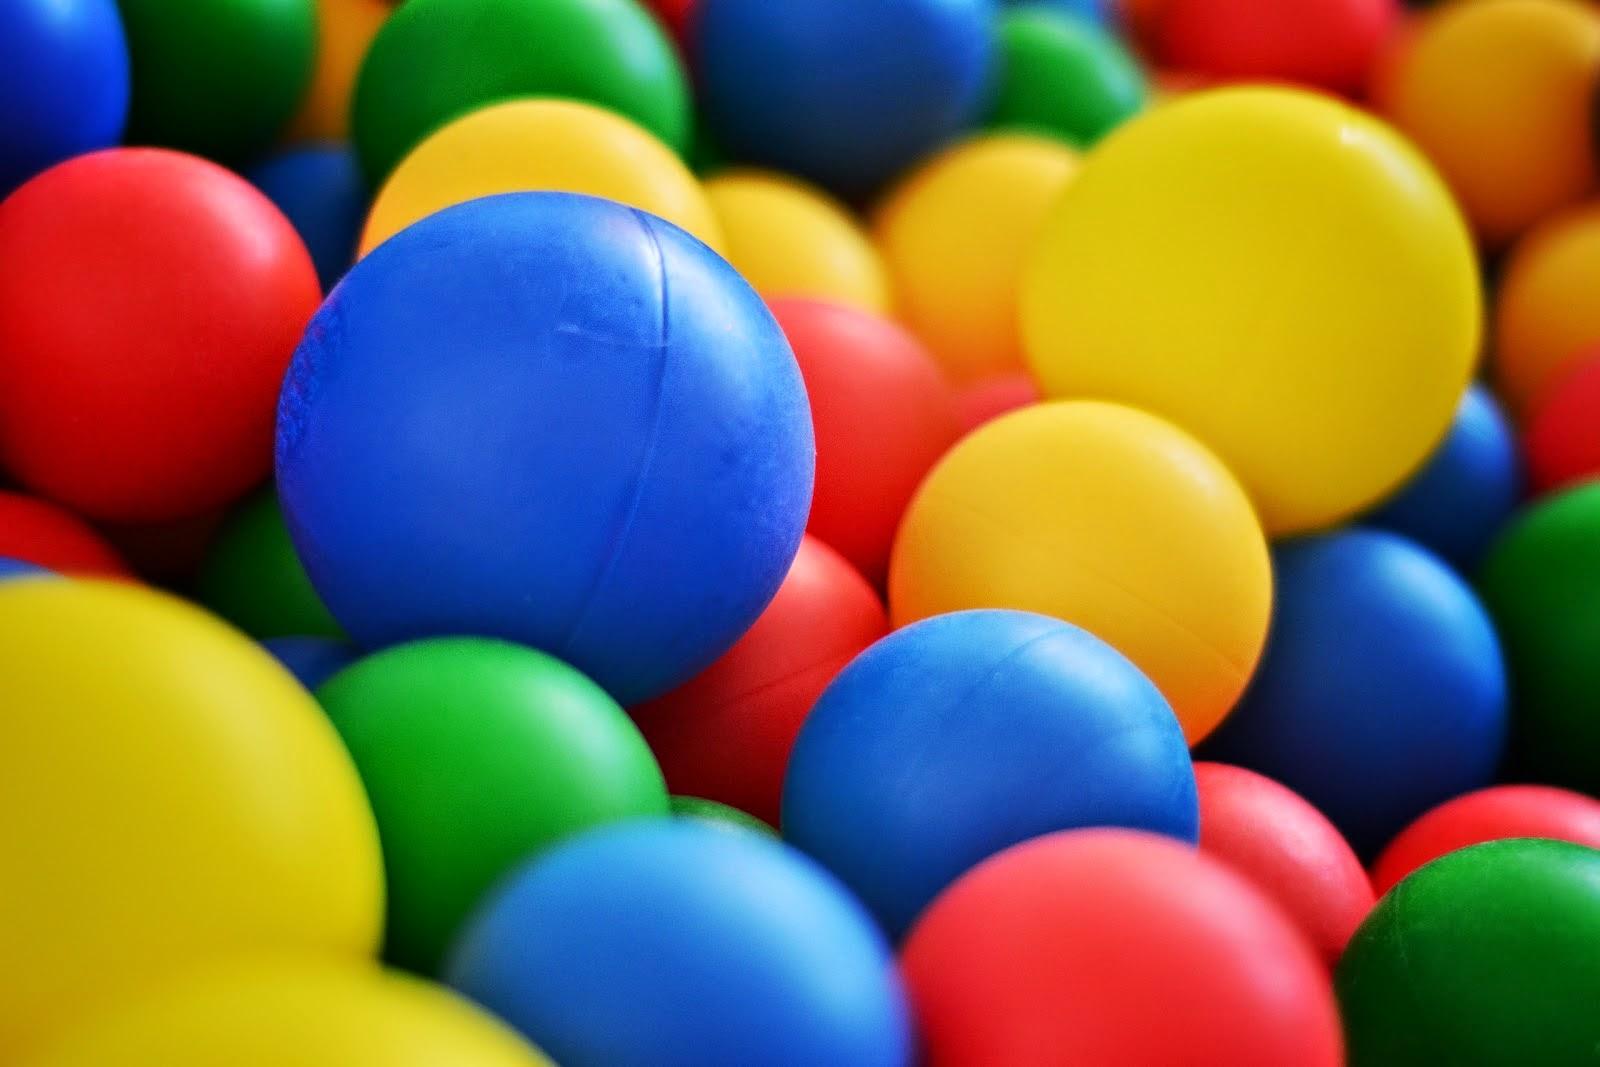 خلفية مدهشة بالونات ملونة رائعة